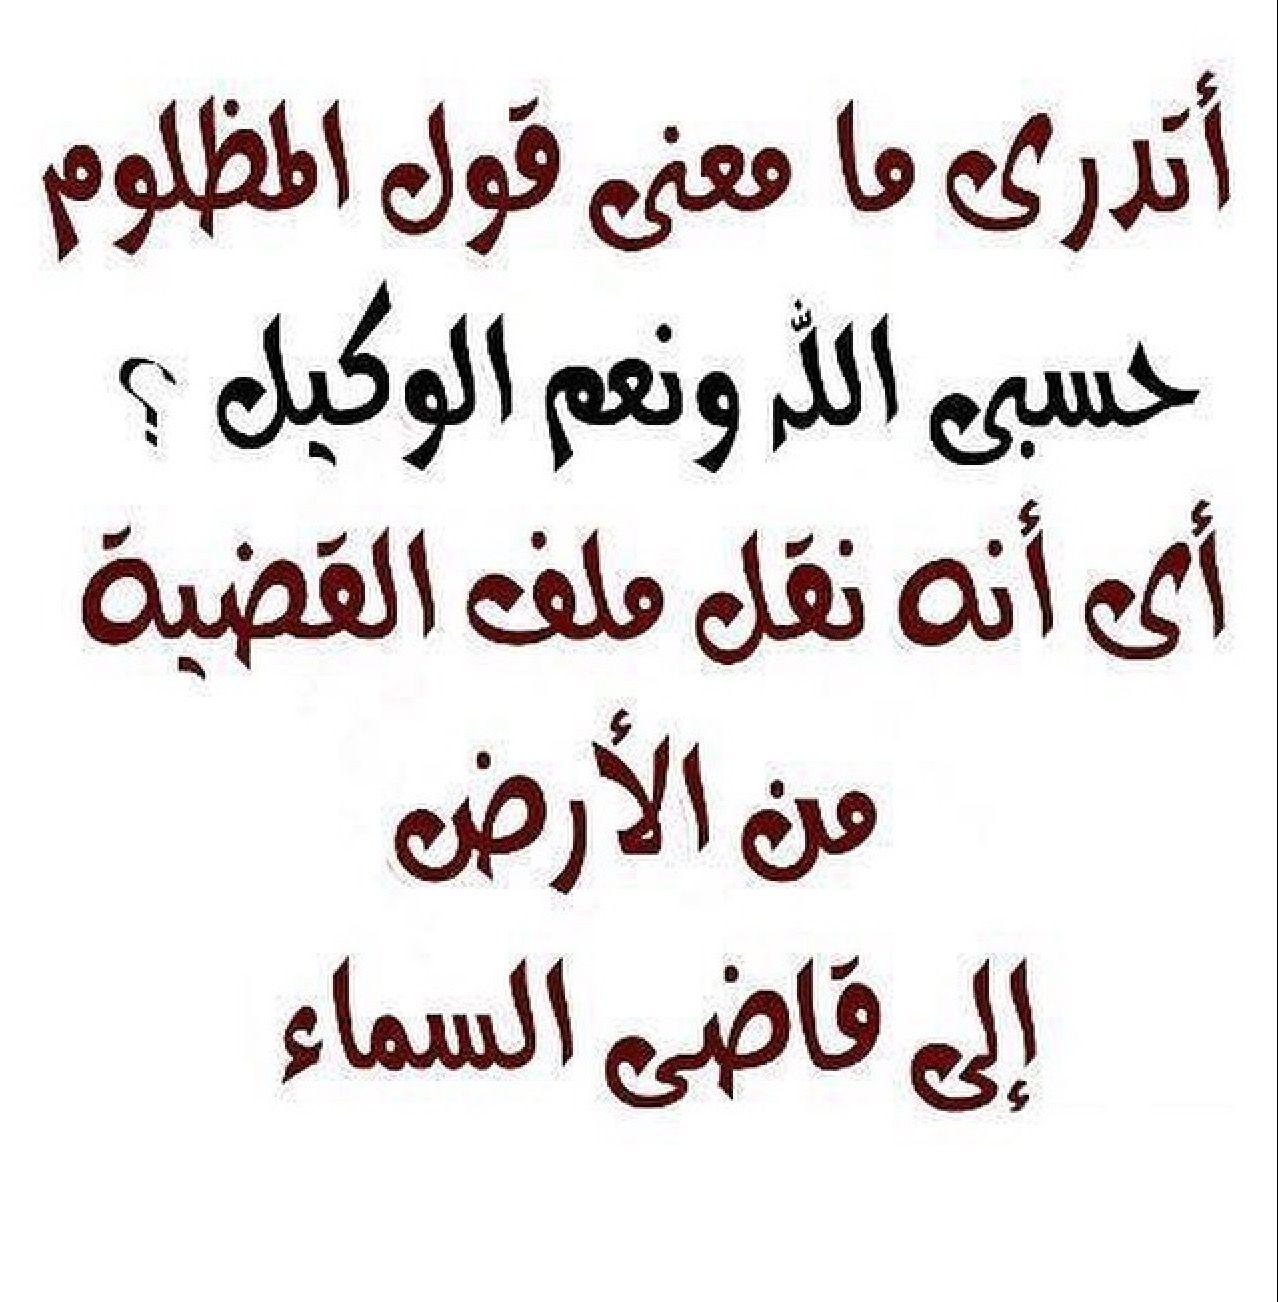 صورة ماقيل في كلمه حسبي الله , معنى حسبي الله ونعم الوكيل 5393 2